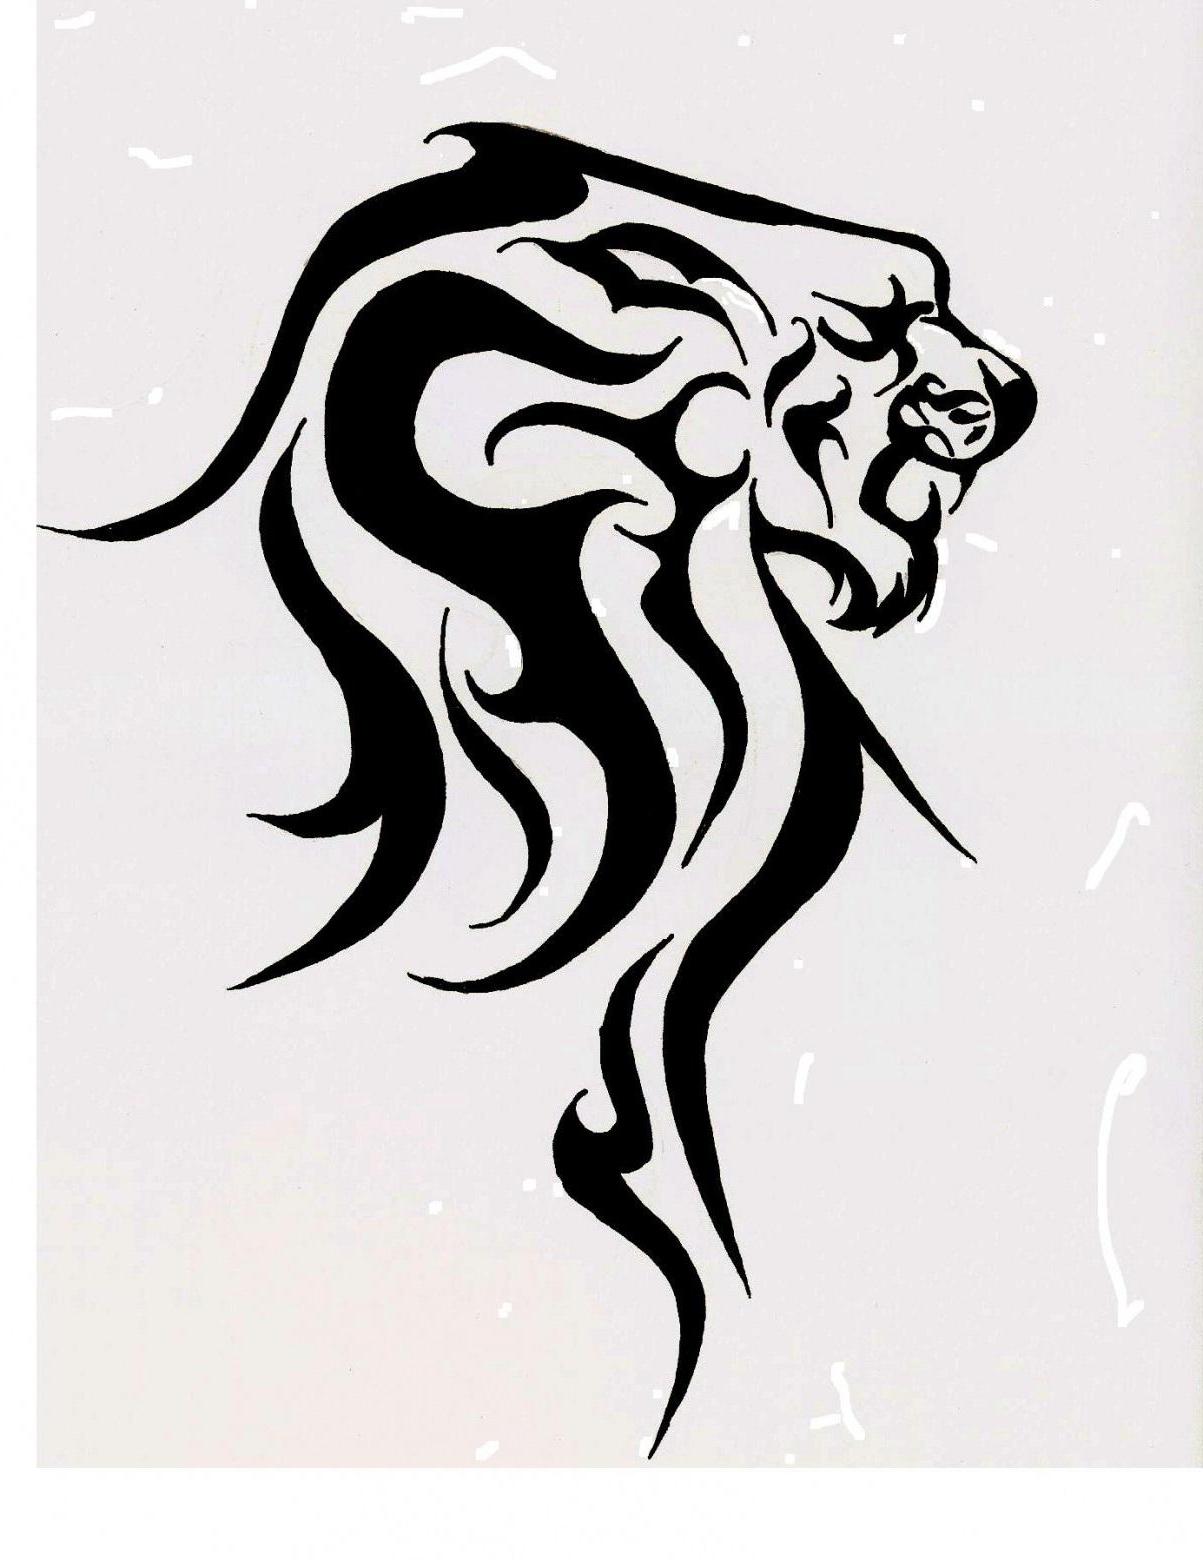 1203x1560 Tribal Tattoo Drawings Designs Lion Head Tribal Tattoo Designs